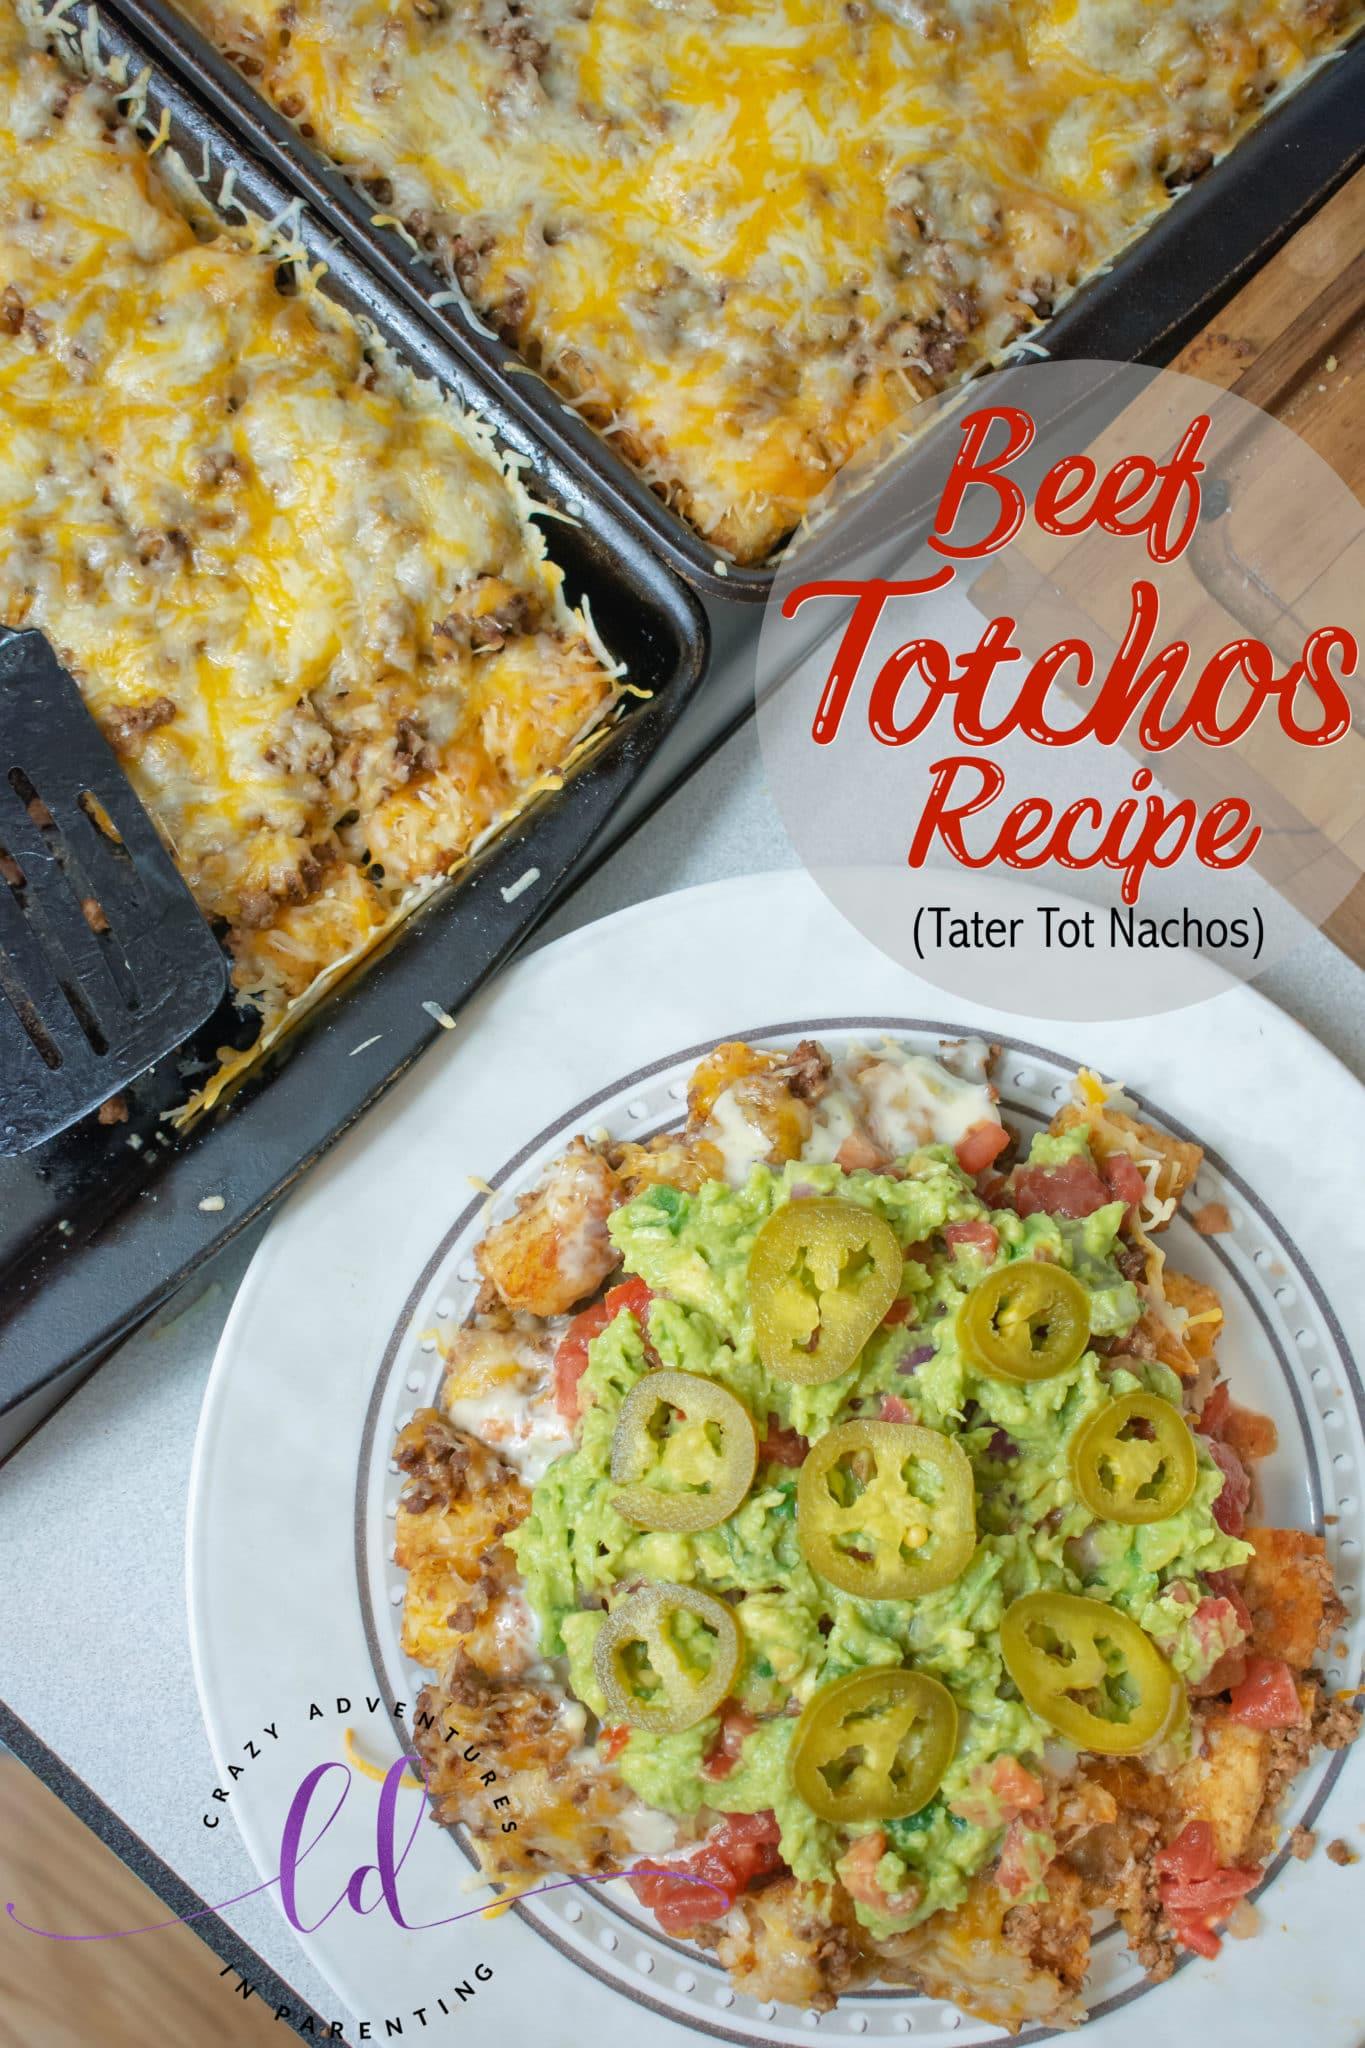 Beef Totchos Recipe - Tater Tot Nachos